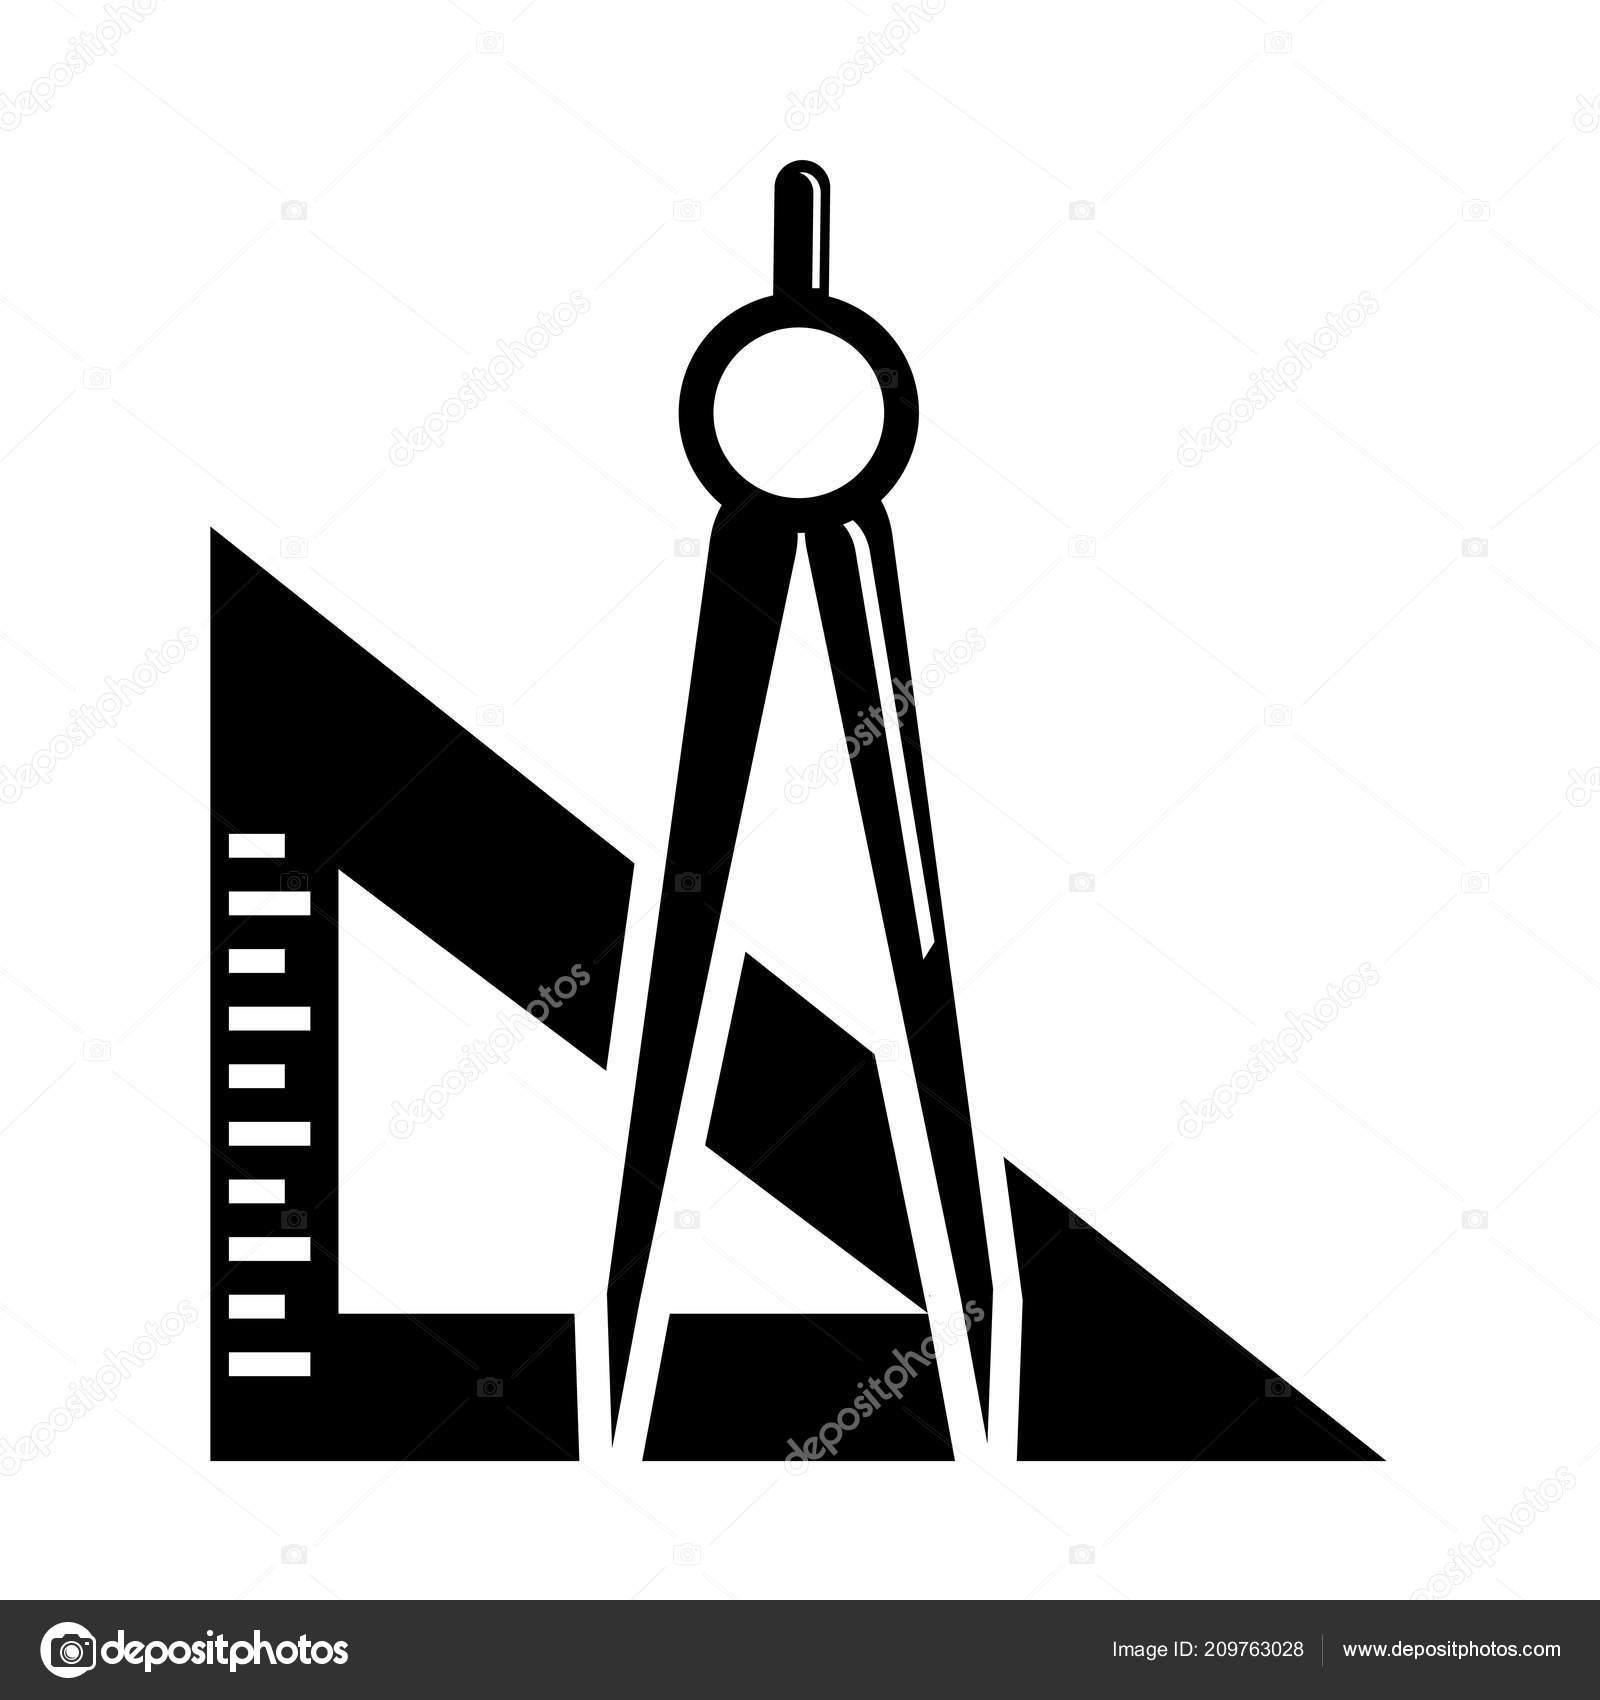 winkelmesser symbol vektor isoliert auf weißem hintergrund für web